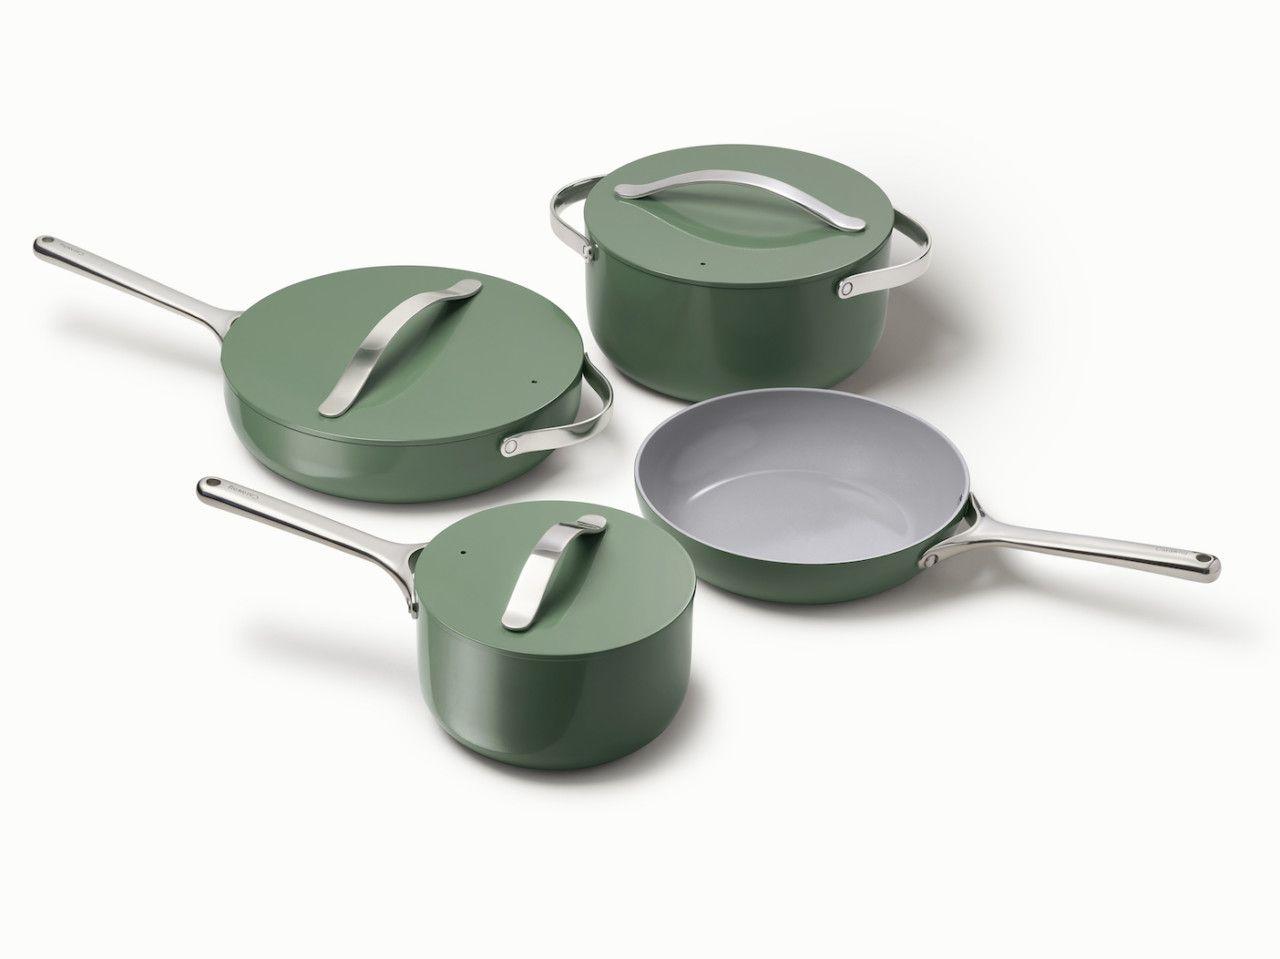 Caraway A New Modern Cookware Set You Won T Want To Stow Away Ceramic Cookware Set Ceramic Cookware Cookware Set